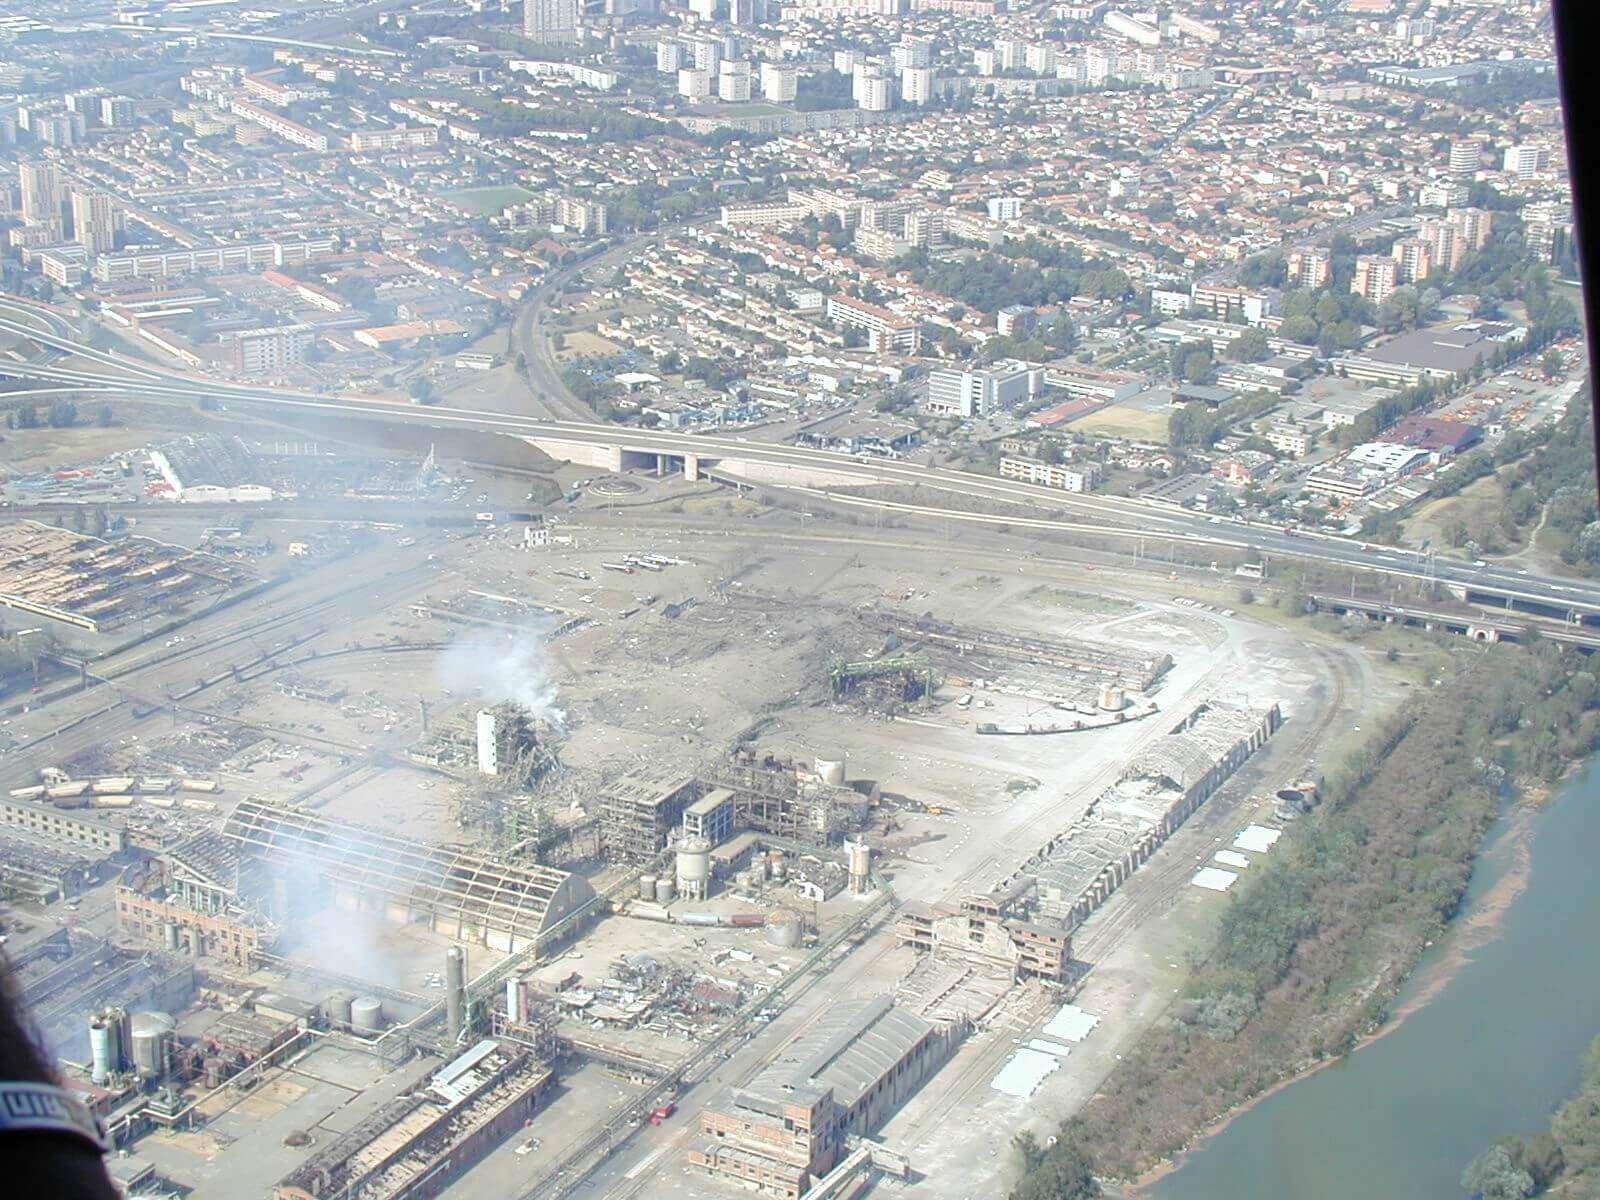 Explosion AZF Toulouse 21 septembre 2001